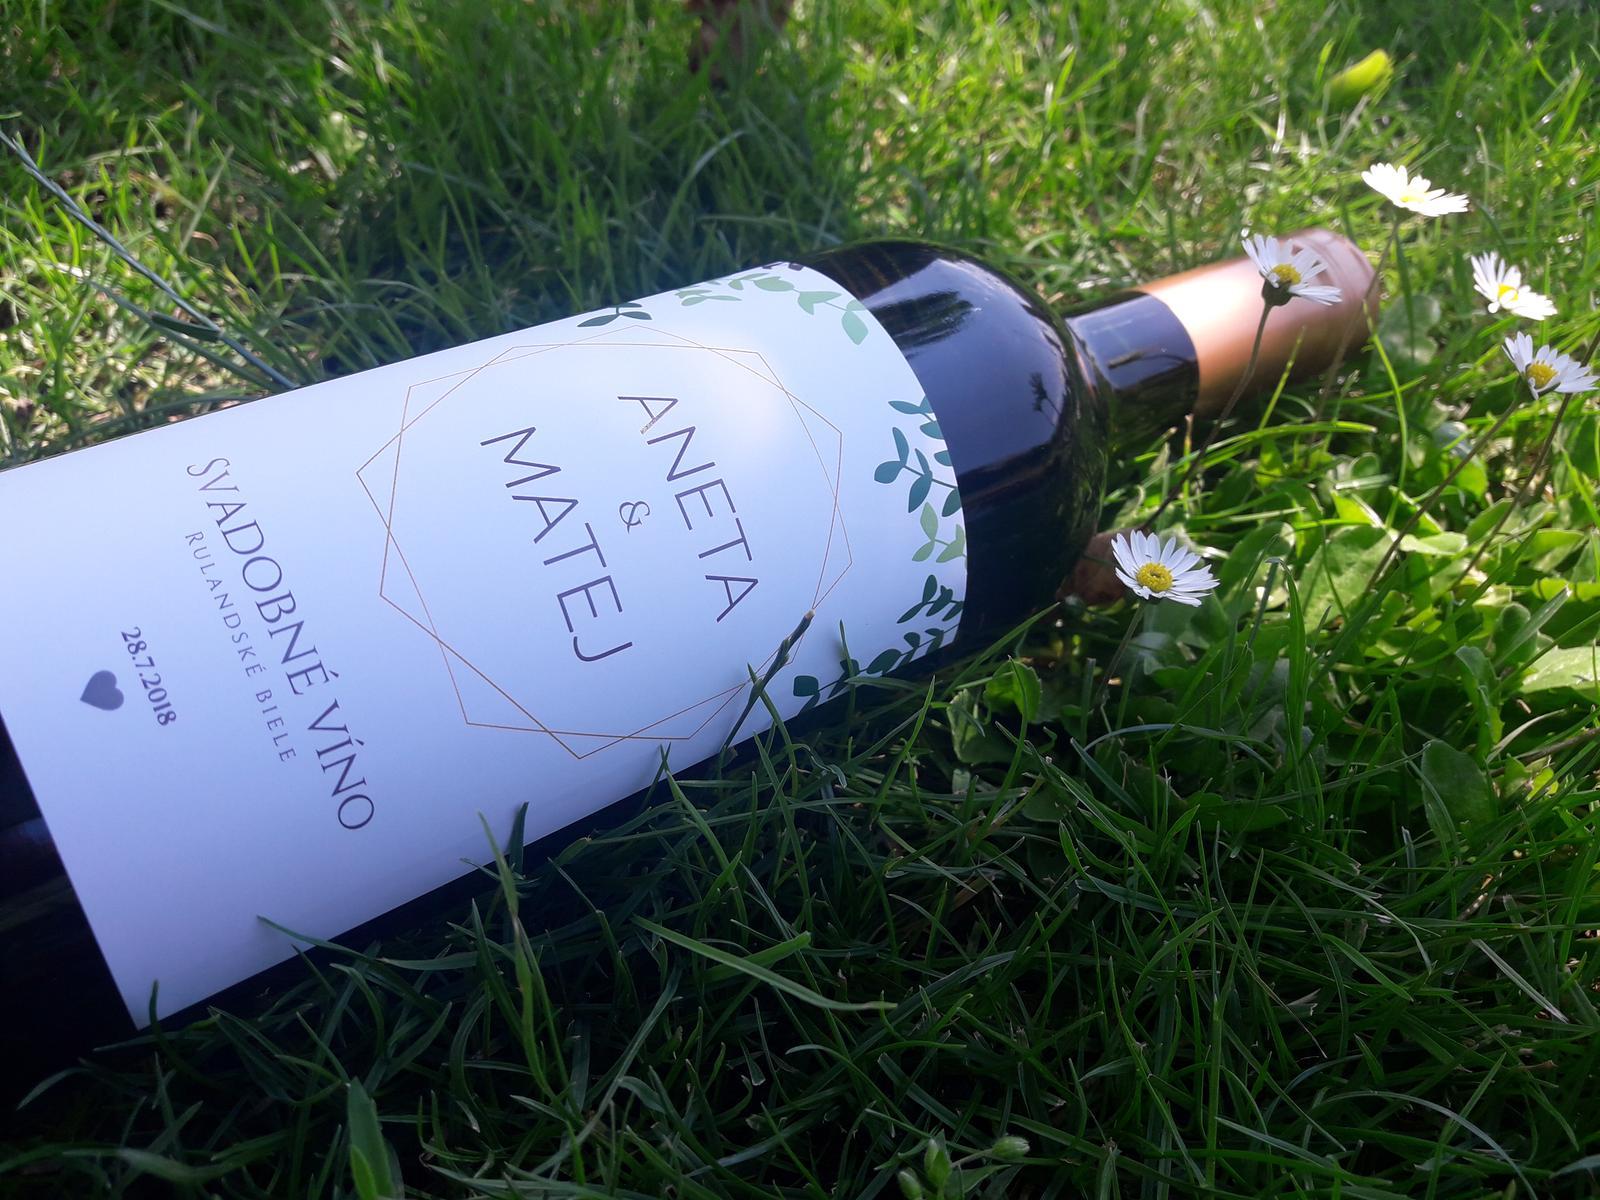 vinomaravilla - Svadobné vínko so štýlovou modernou etiketou. Tieto motívy sú momentálne in